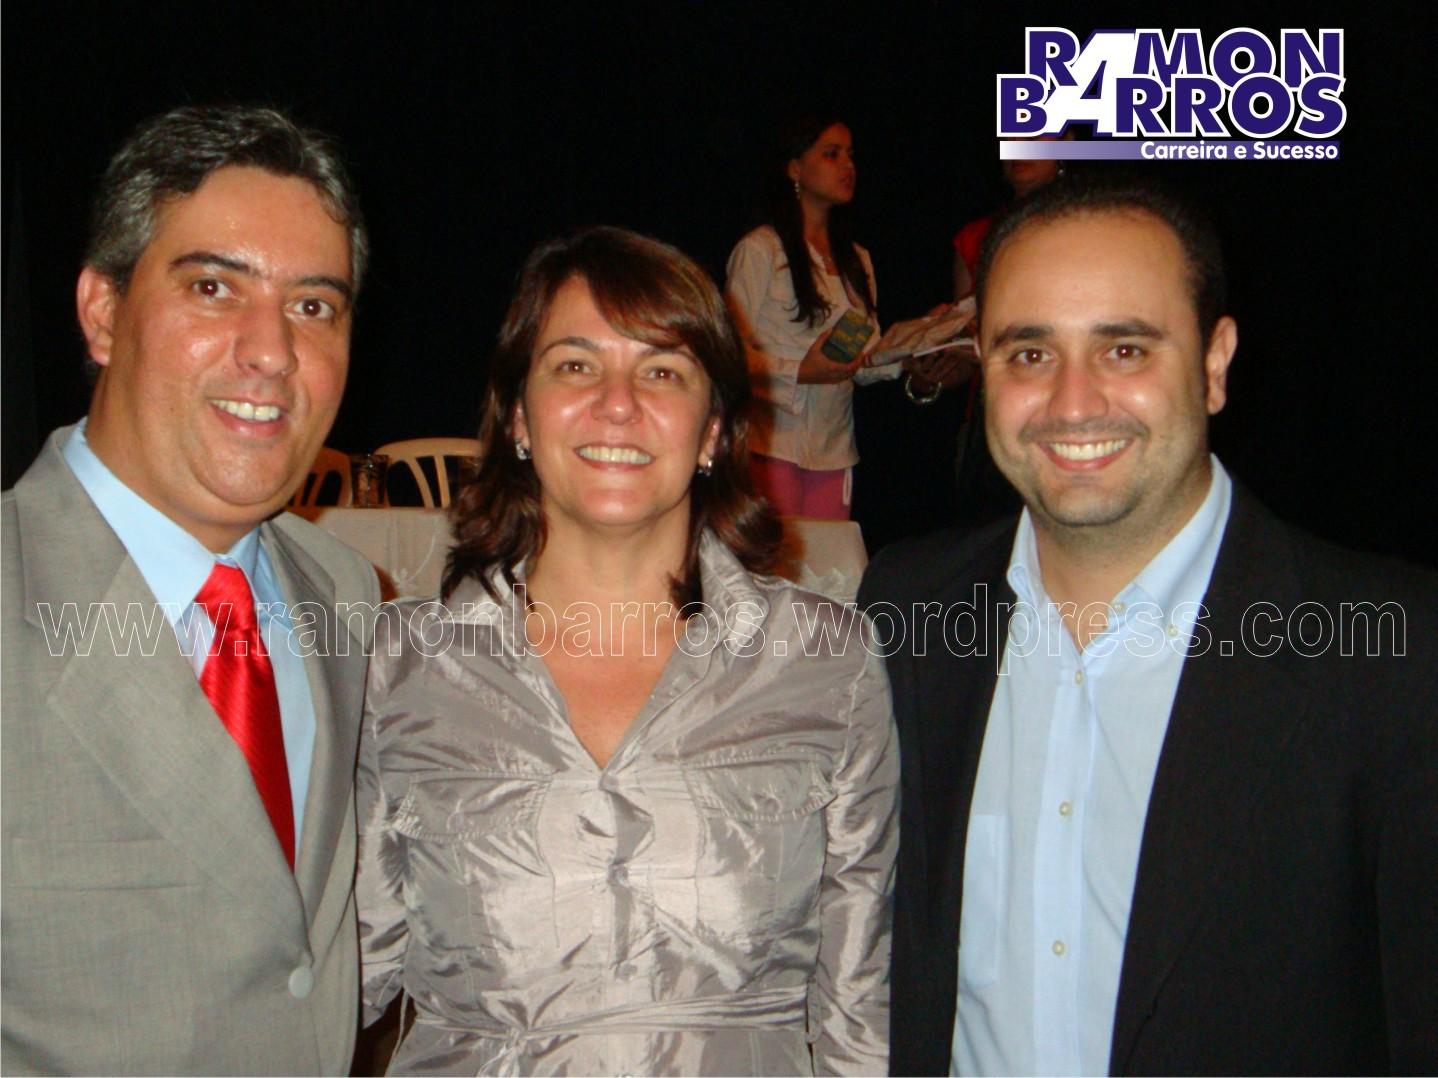 Trote Solidário UVV Guaçuí 2009 - Parabéns aos Professores, Diretores e apoiadores deste grande evento em uma das cidades mais belas do Espírito Santo.